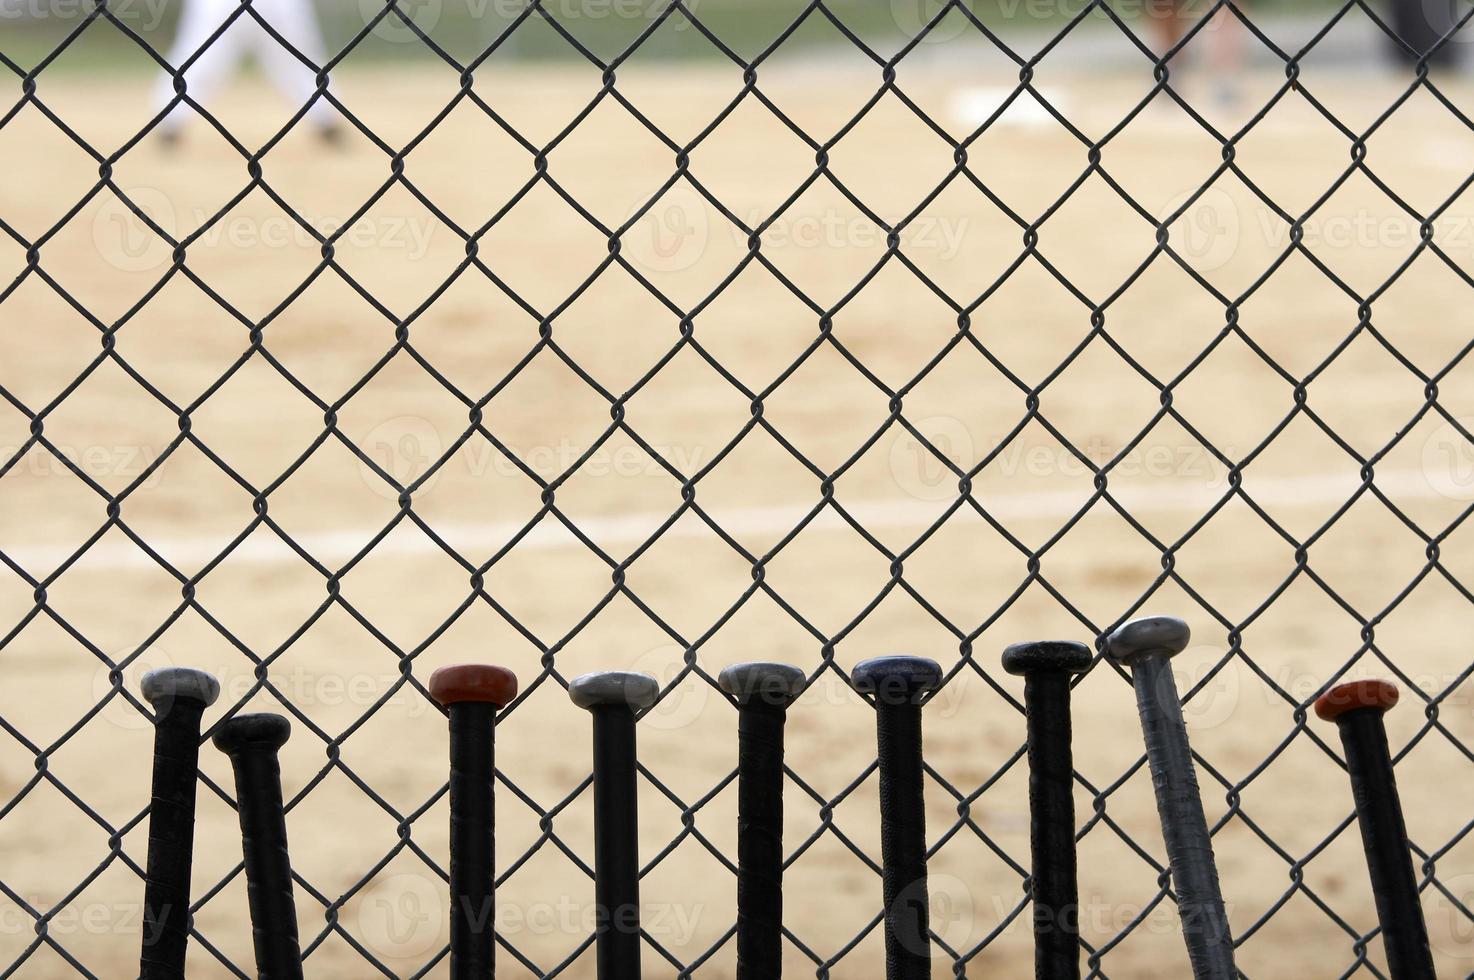 juego de beisbol foto